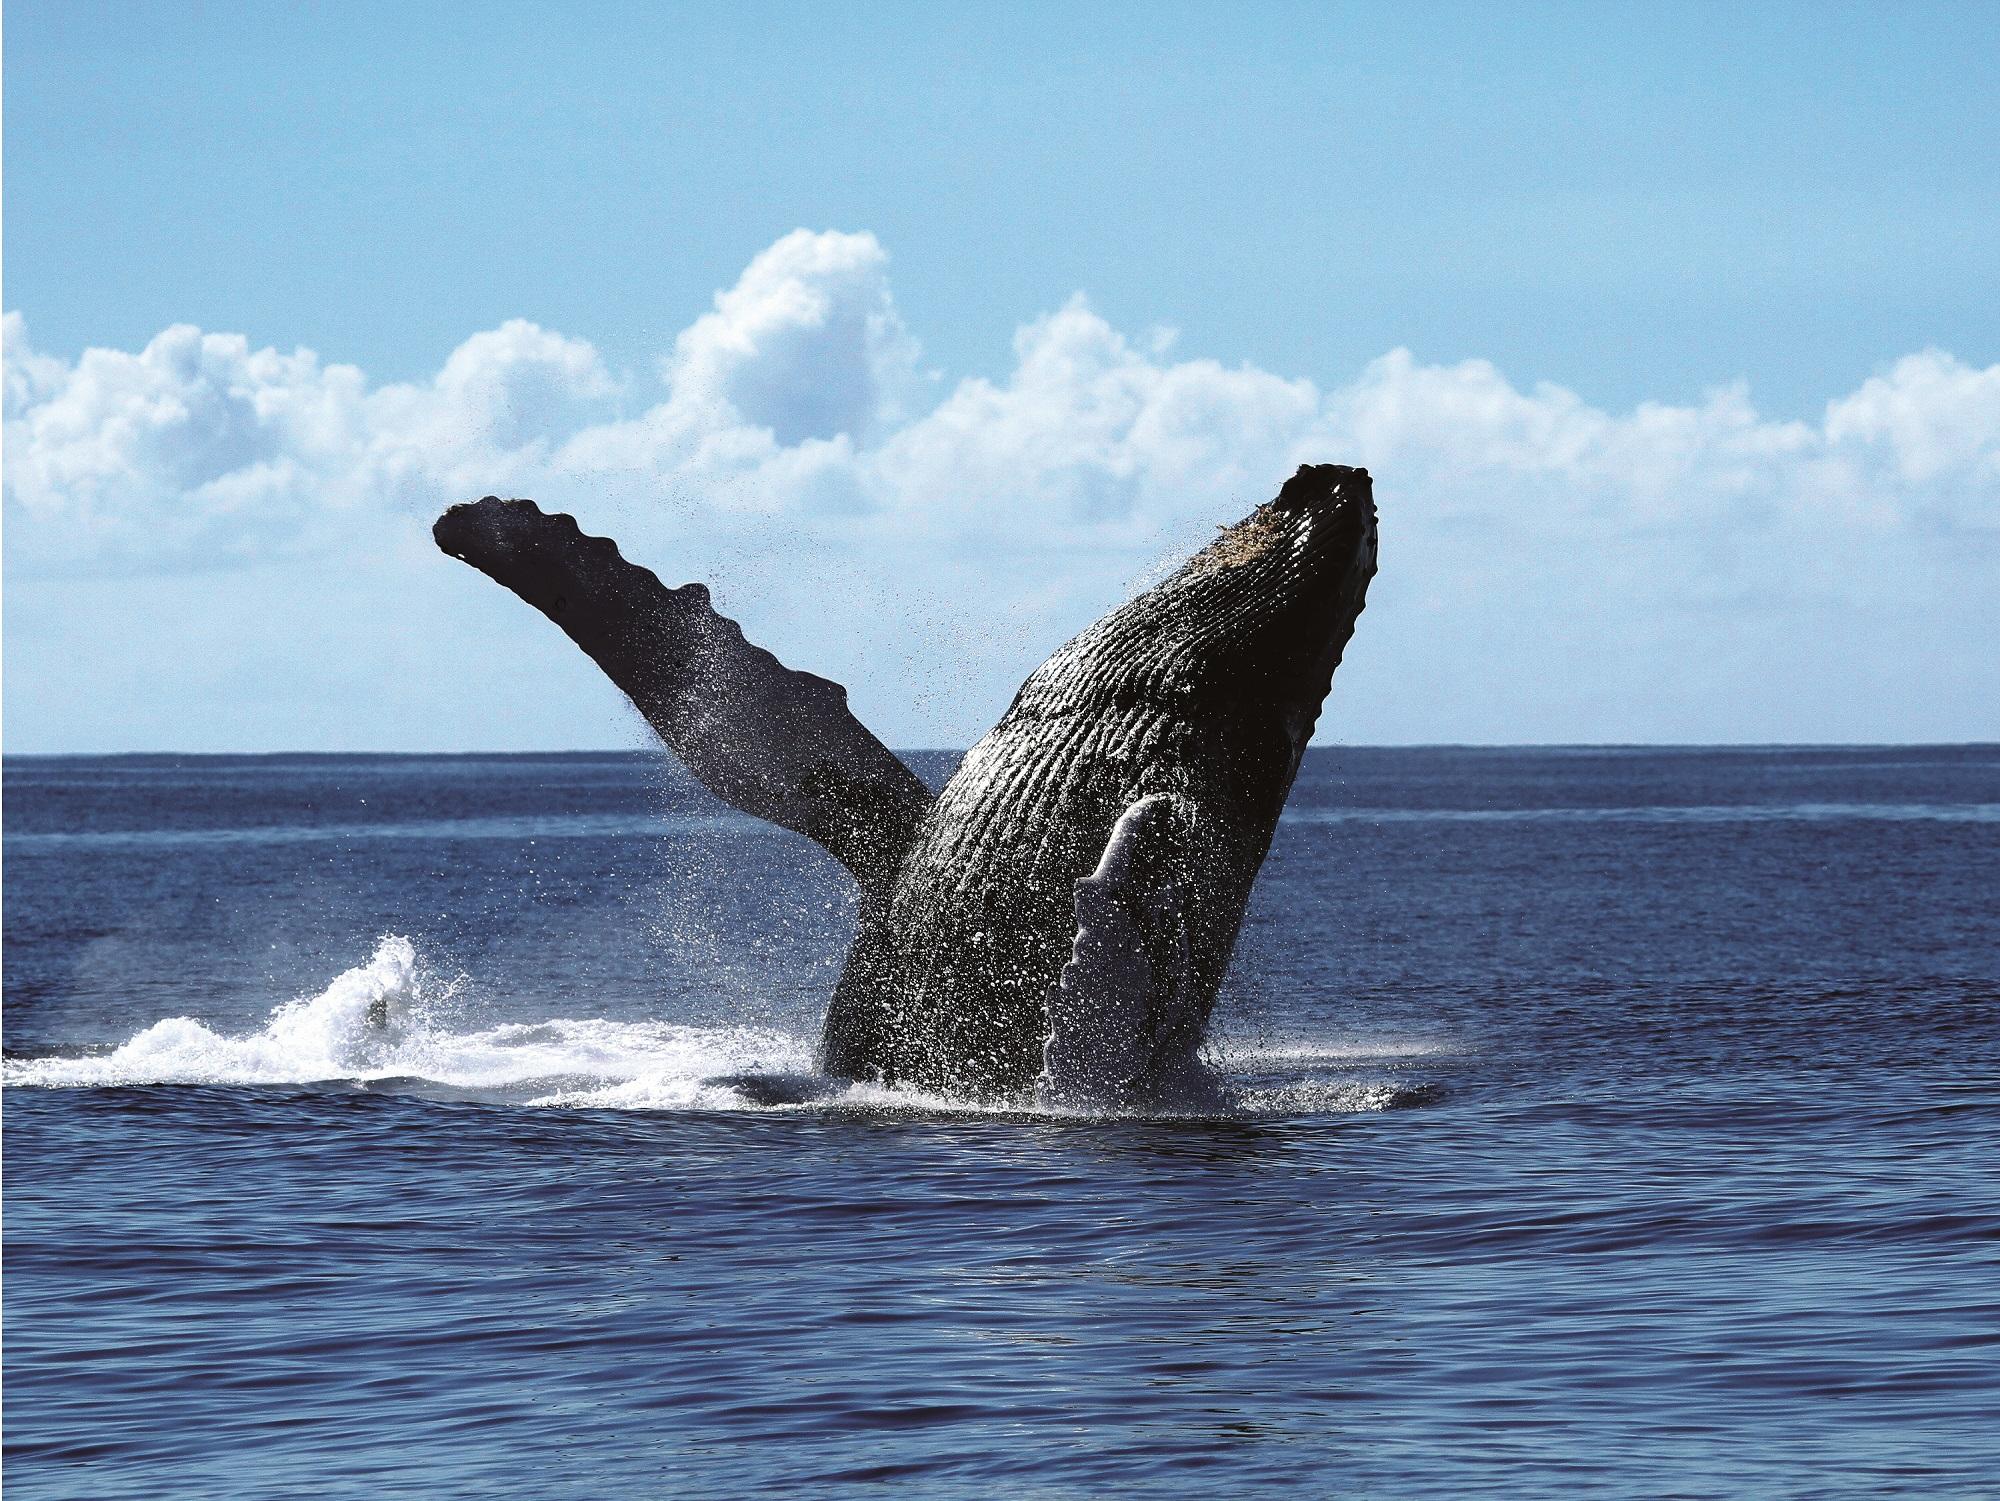 ビットコイン3万5千ドル到達、過去最高水準の大口投資家(クジラ)数は「強気継続」を示唆